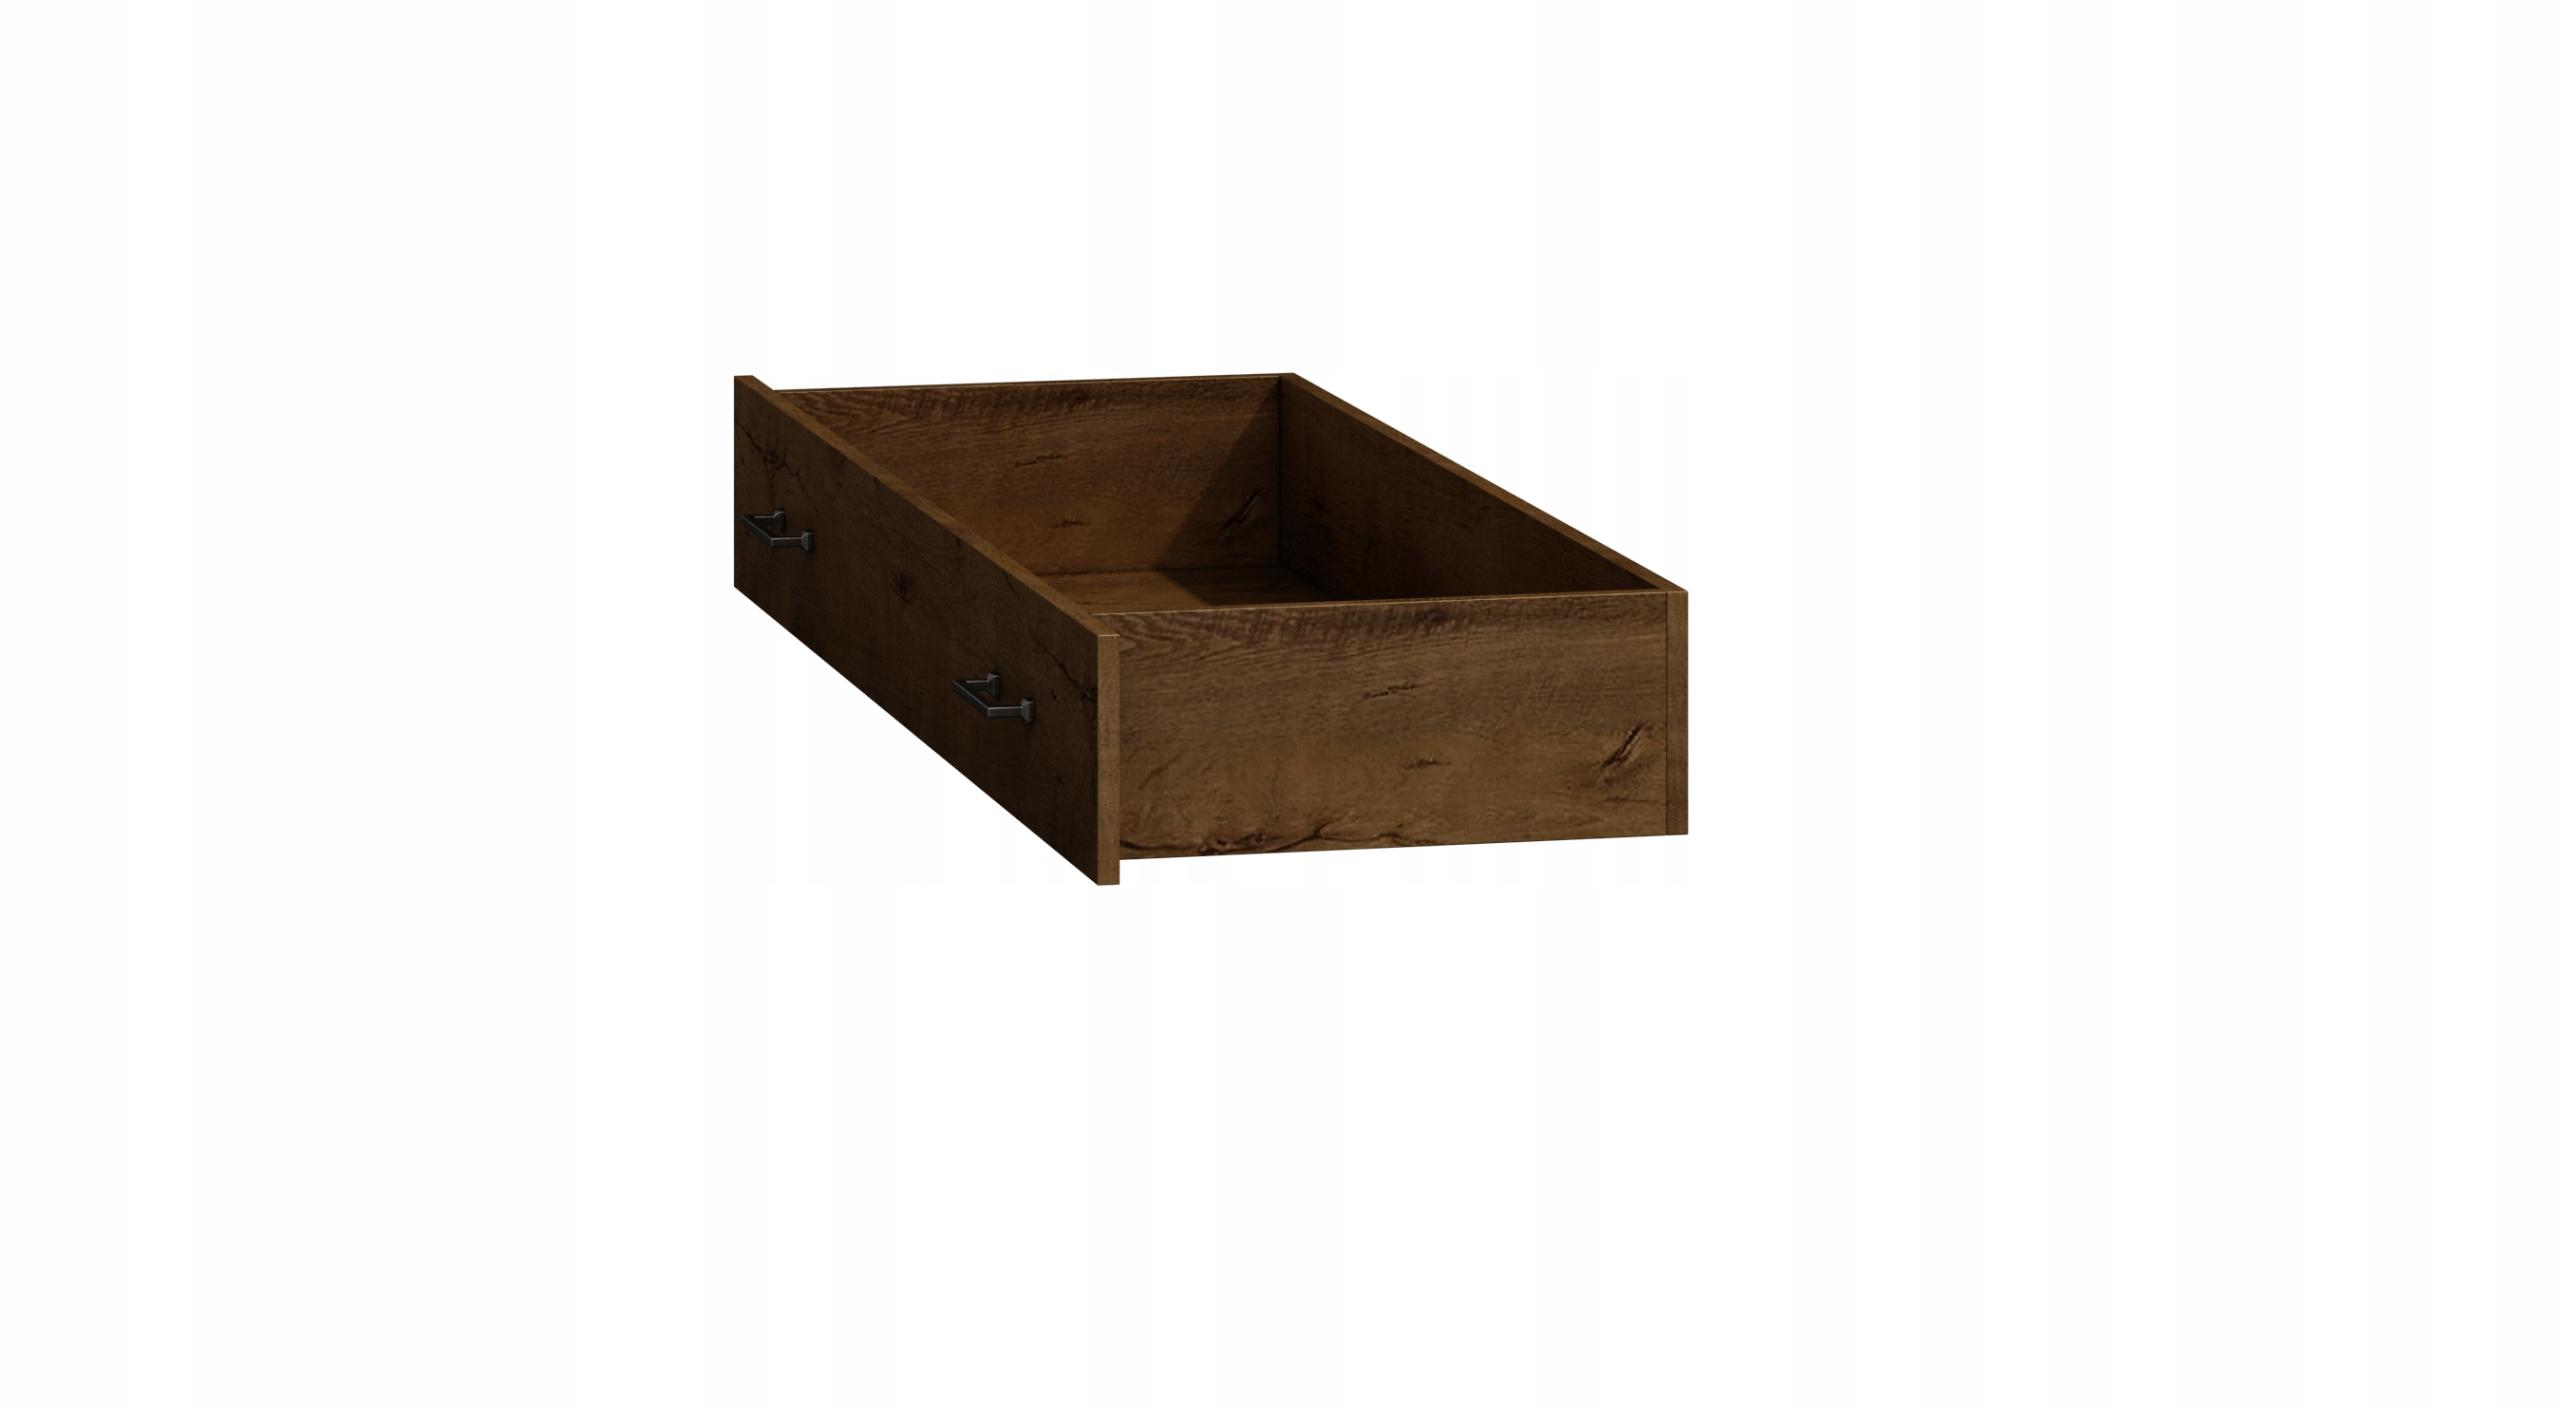 Pranie box nábytok, Retro R6 pre spálne